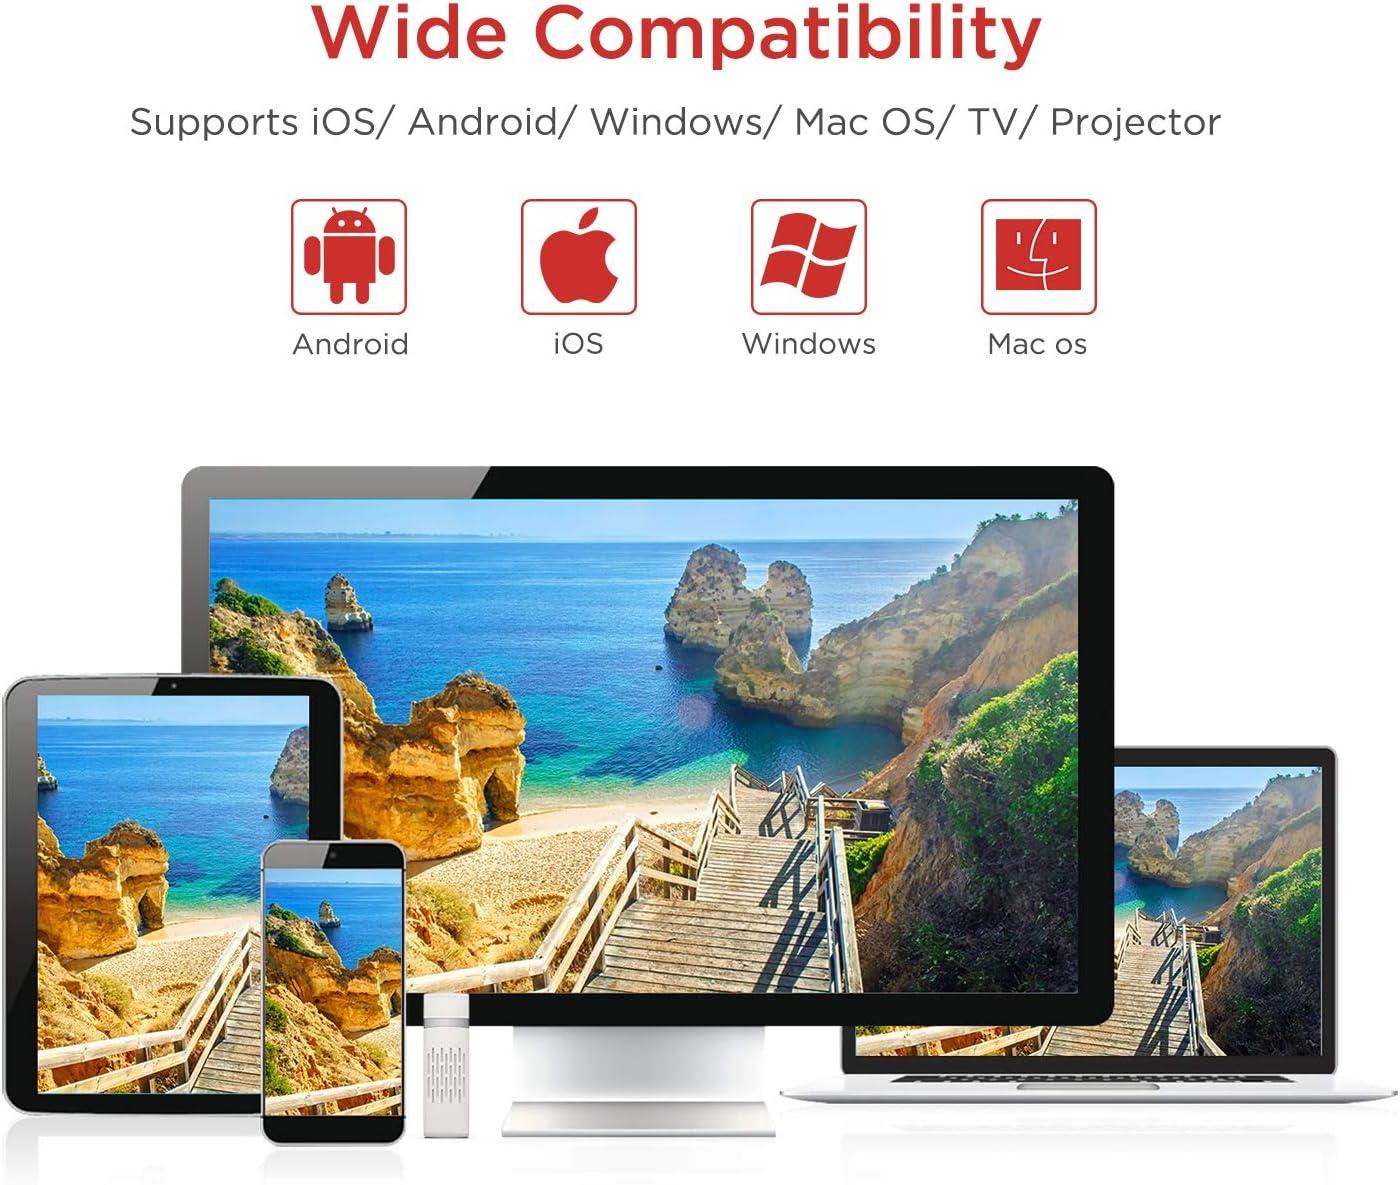 BOMAKER WiFi Display Dongle Inalámbrico, 5GHz+2.4GHz WiFi Adaptador, Receptor Full HD 1080P, Miracast Sincronización de Pantalla para Android/iOS/iPad/Mac/Laptop a Proyector/TV: Amazon.es: Electrónica